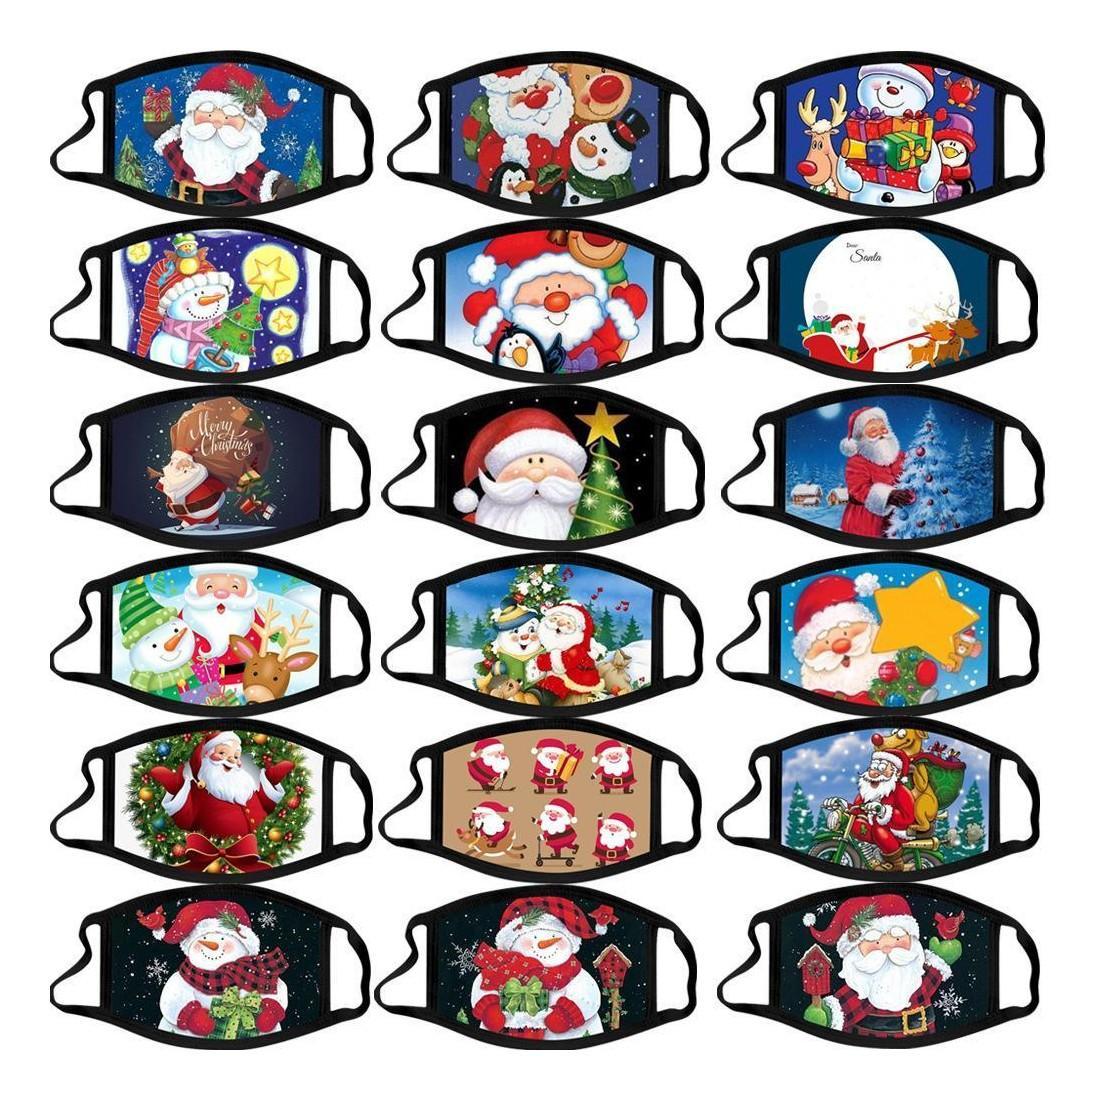 عيد الميلاد الكبار كاليكو تخفي مكافحة الضباب قابل للغسل اللون أقنعة القطن عيد الميلاد قناع الكرتون قناع الوجه الأوجه تصميم أقنعة الأزياء حزب